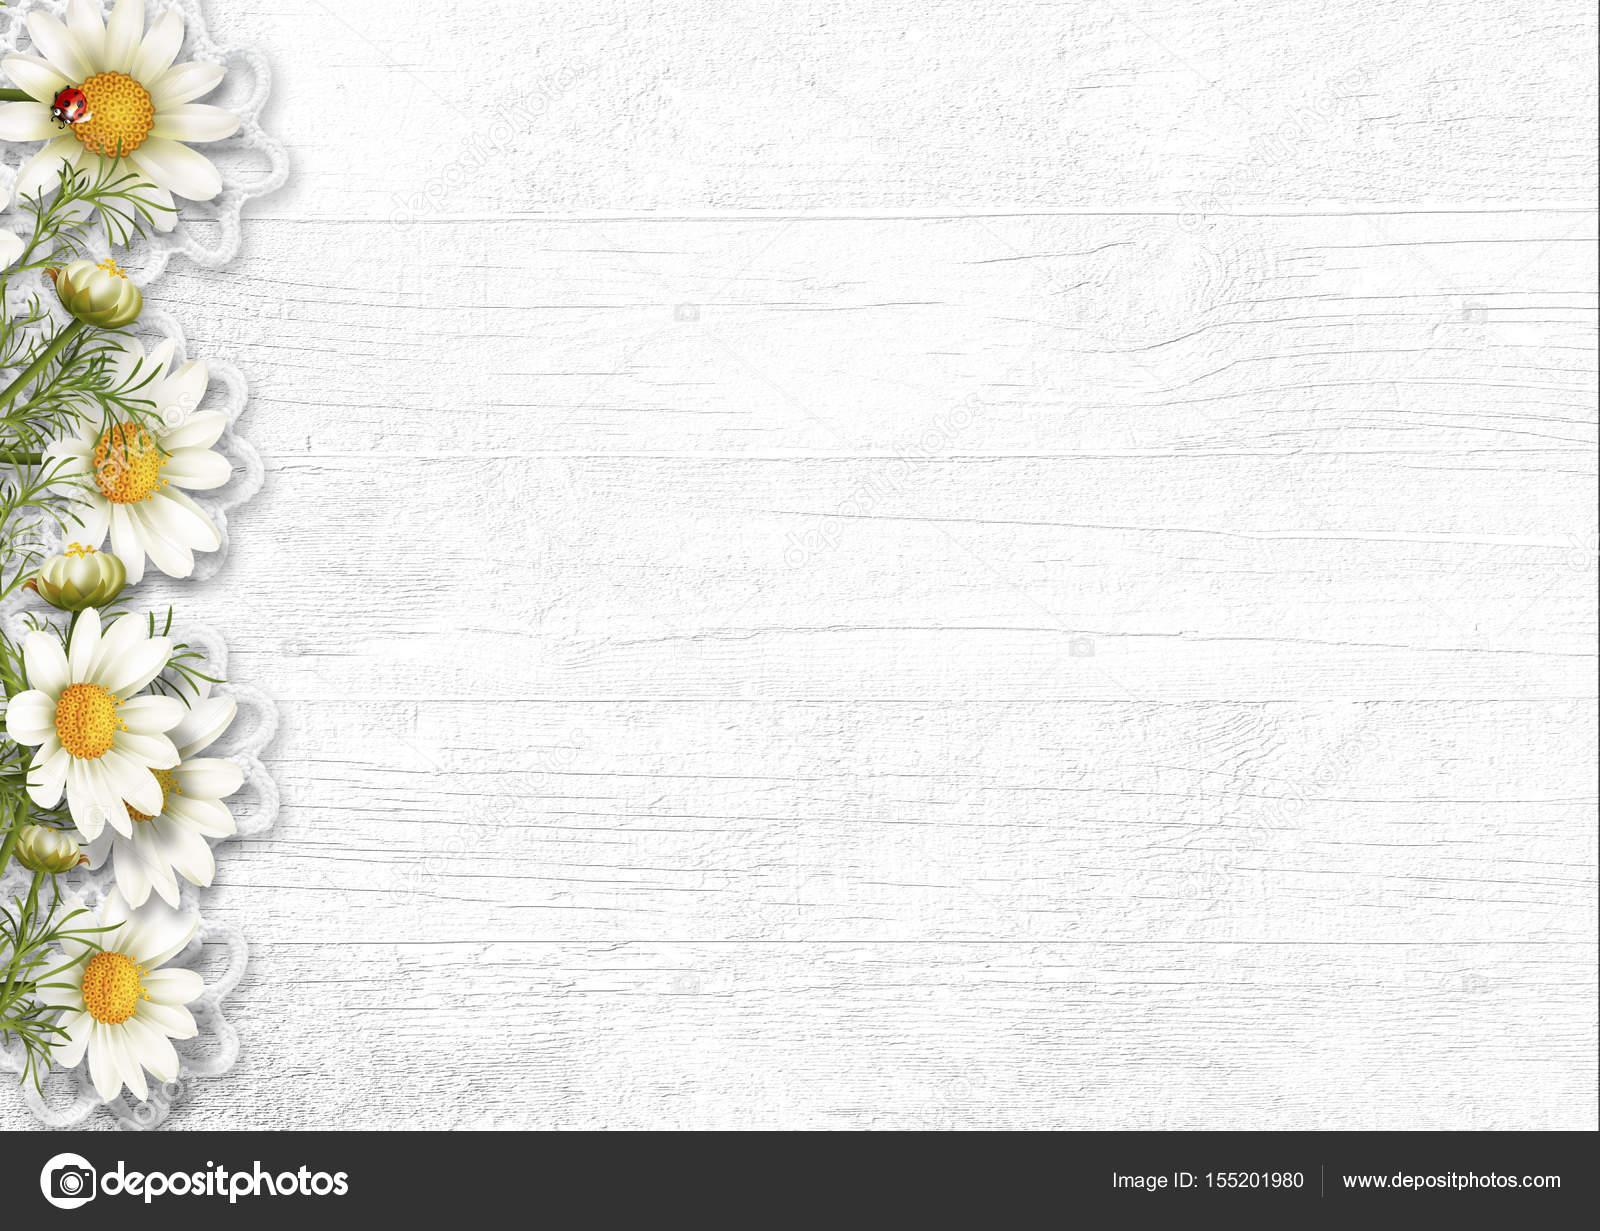 Дейзі квіток ромашки на дерев яними тлі. Переглянути копію spa — стокове  фото 25a96a2064b18